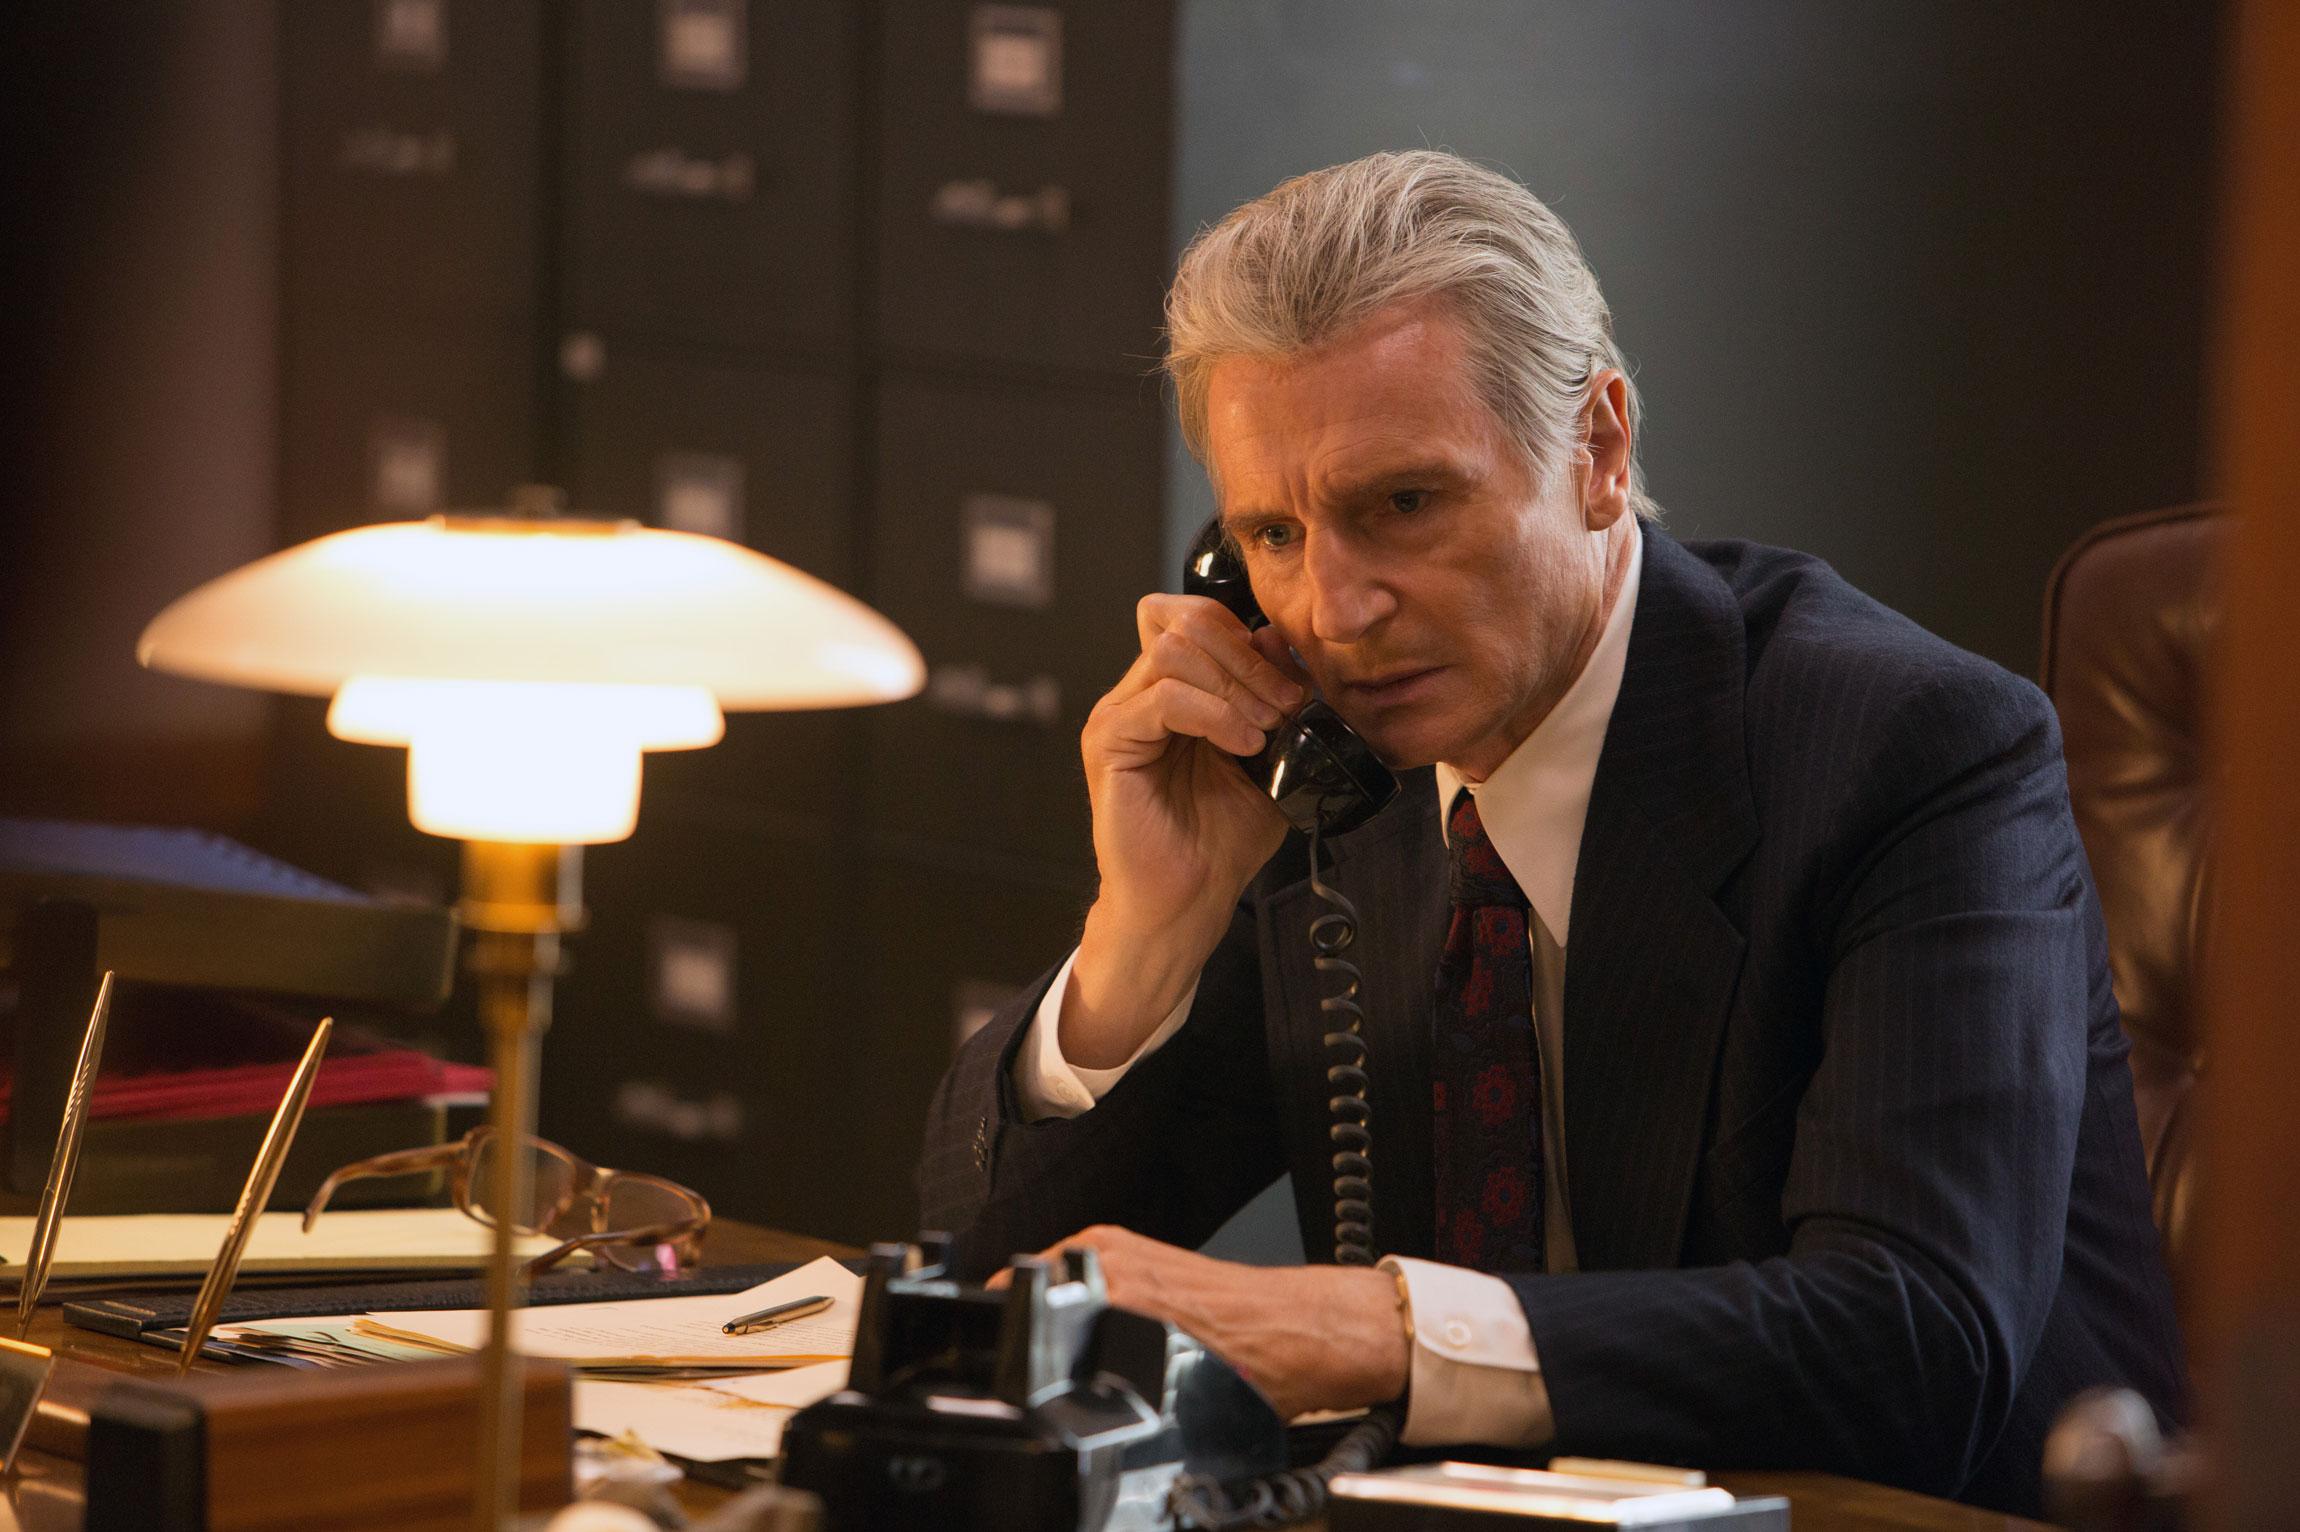 Imagem do filme Mark Felt, com Liam Neeson; filme autobiográfico sobre o Garganta Profunda do caso Watergate. A imagem mostra Liam Neeson atendendo a um telefone.